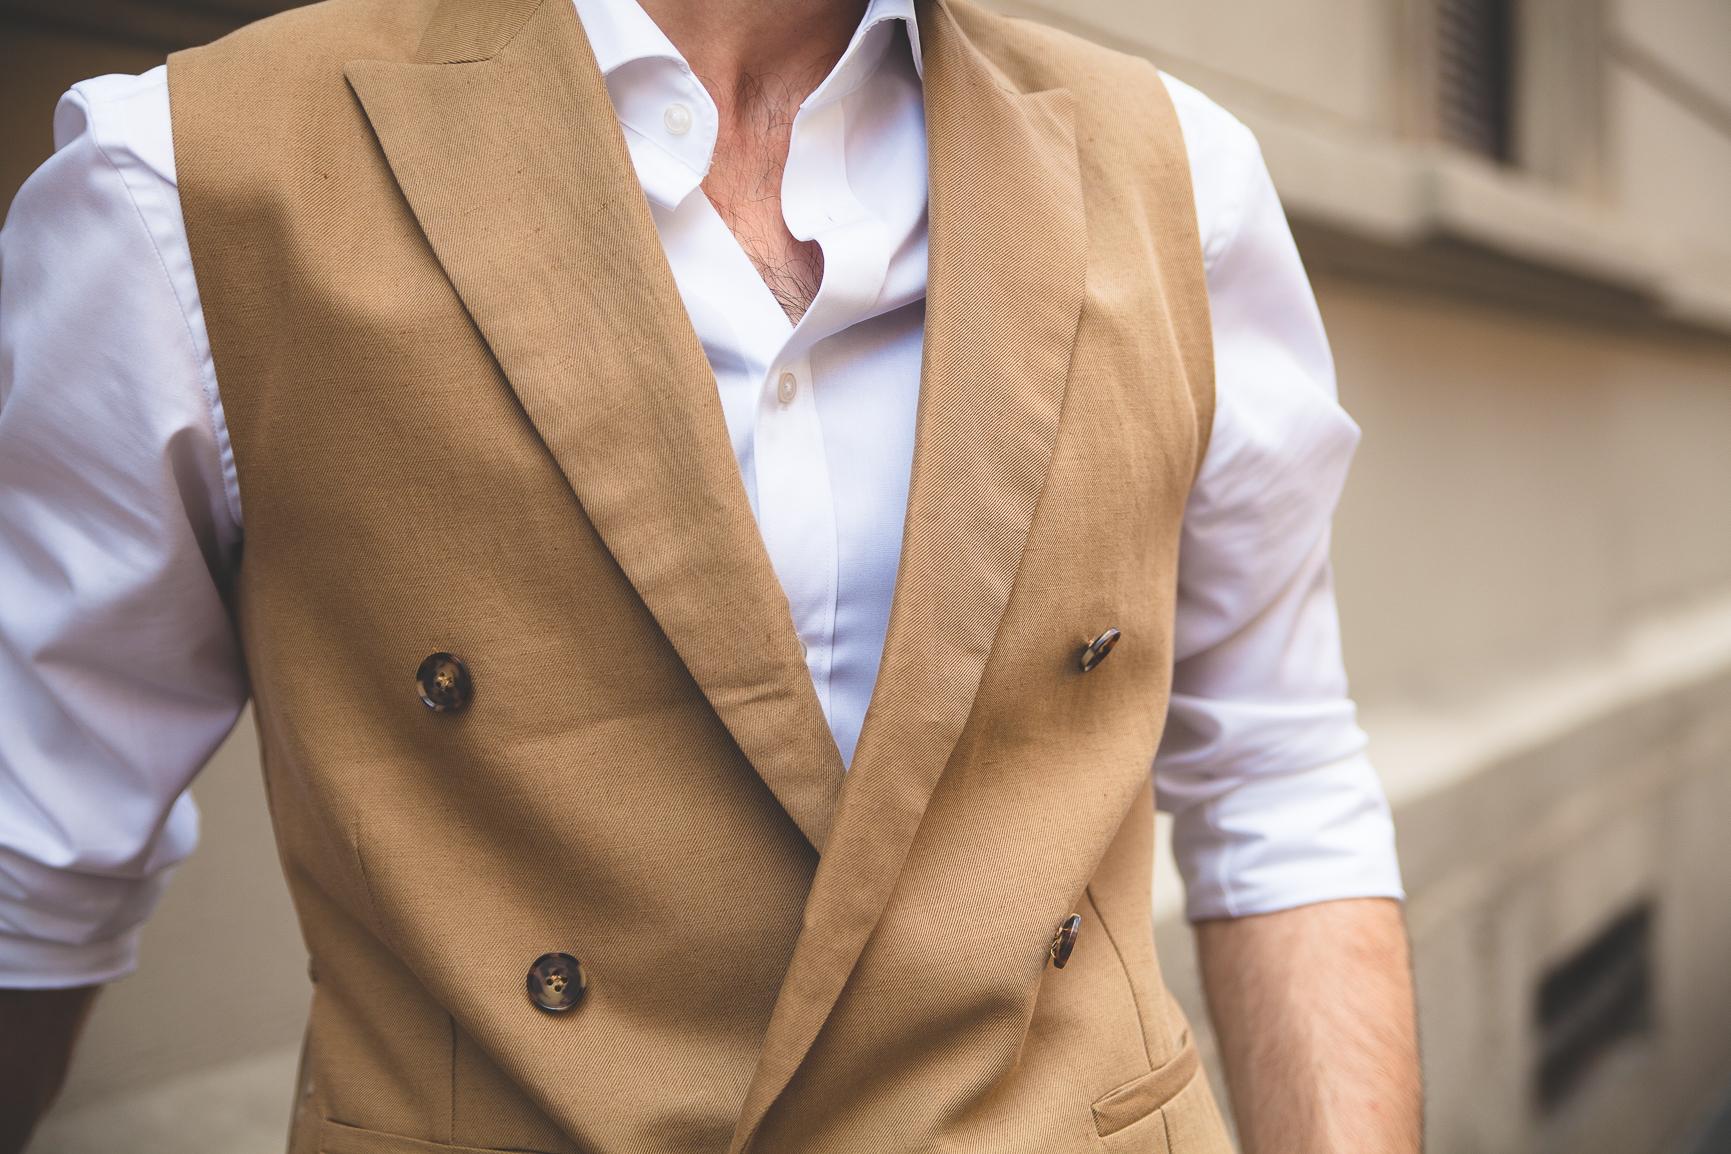 vest by Two Italian Boys  Visit now: www.twoitalianboys.it